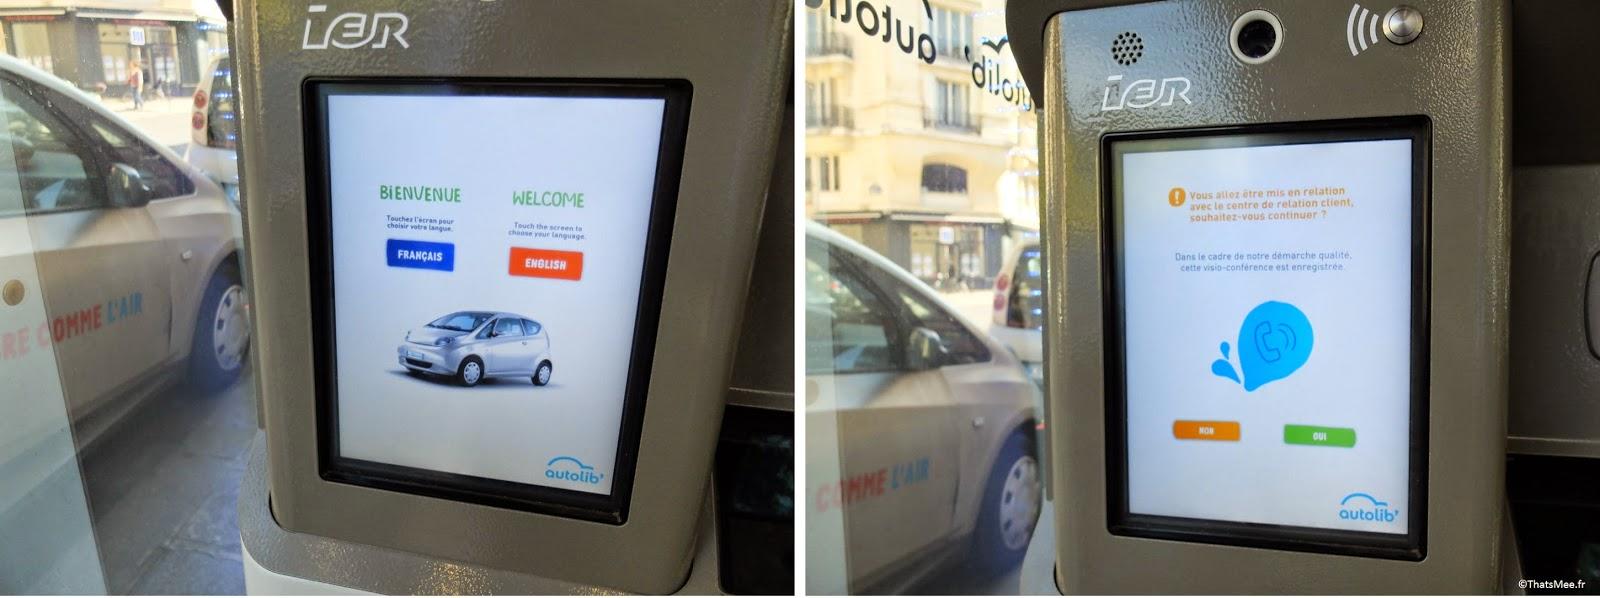 Espace Autolib' inscription sur écrans bornes téléconseiller  station voiture électrique